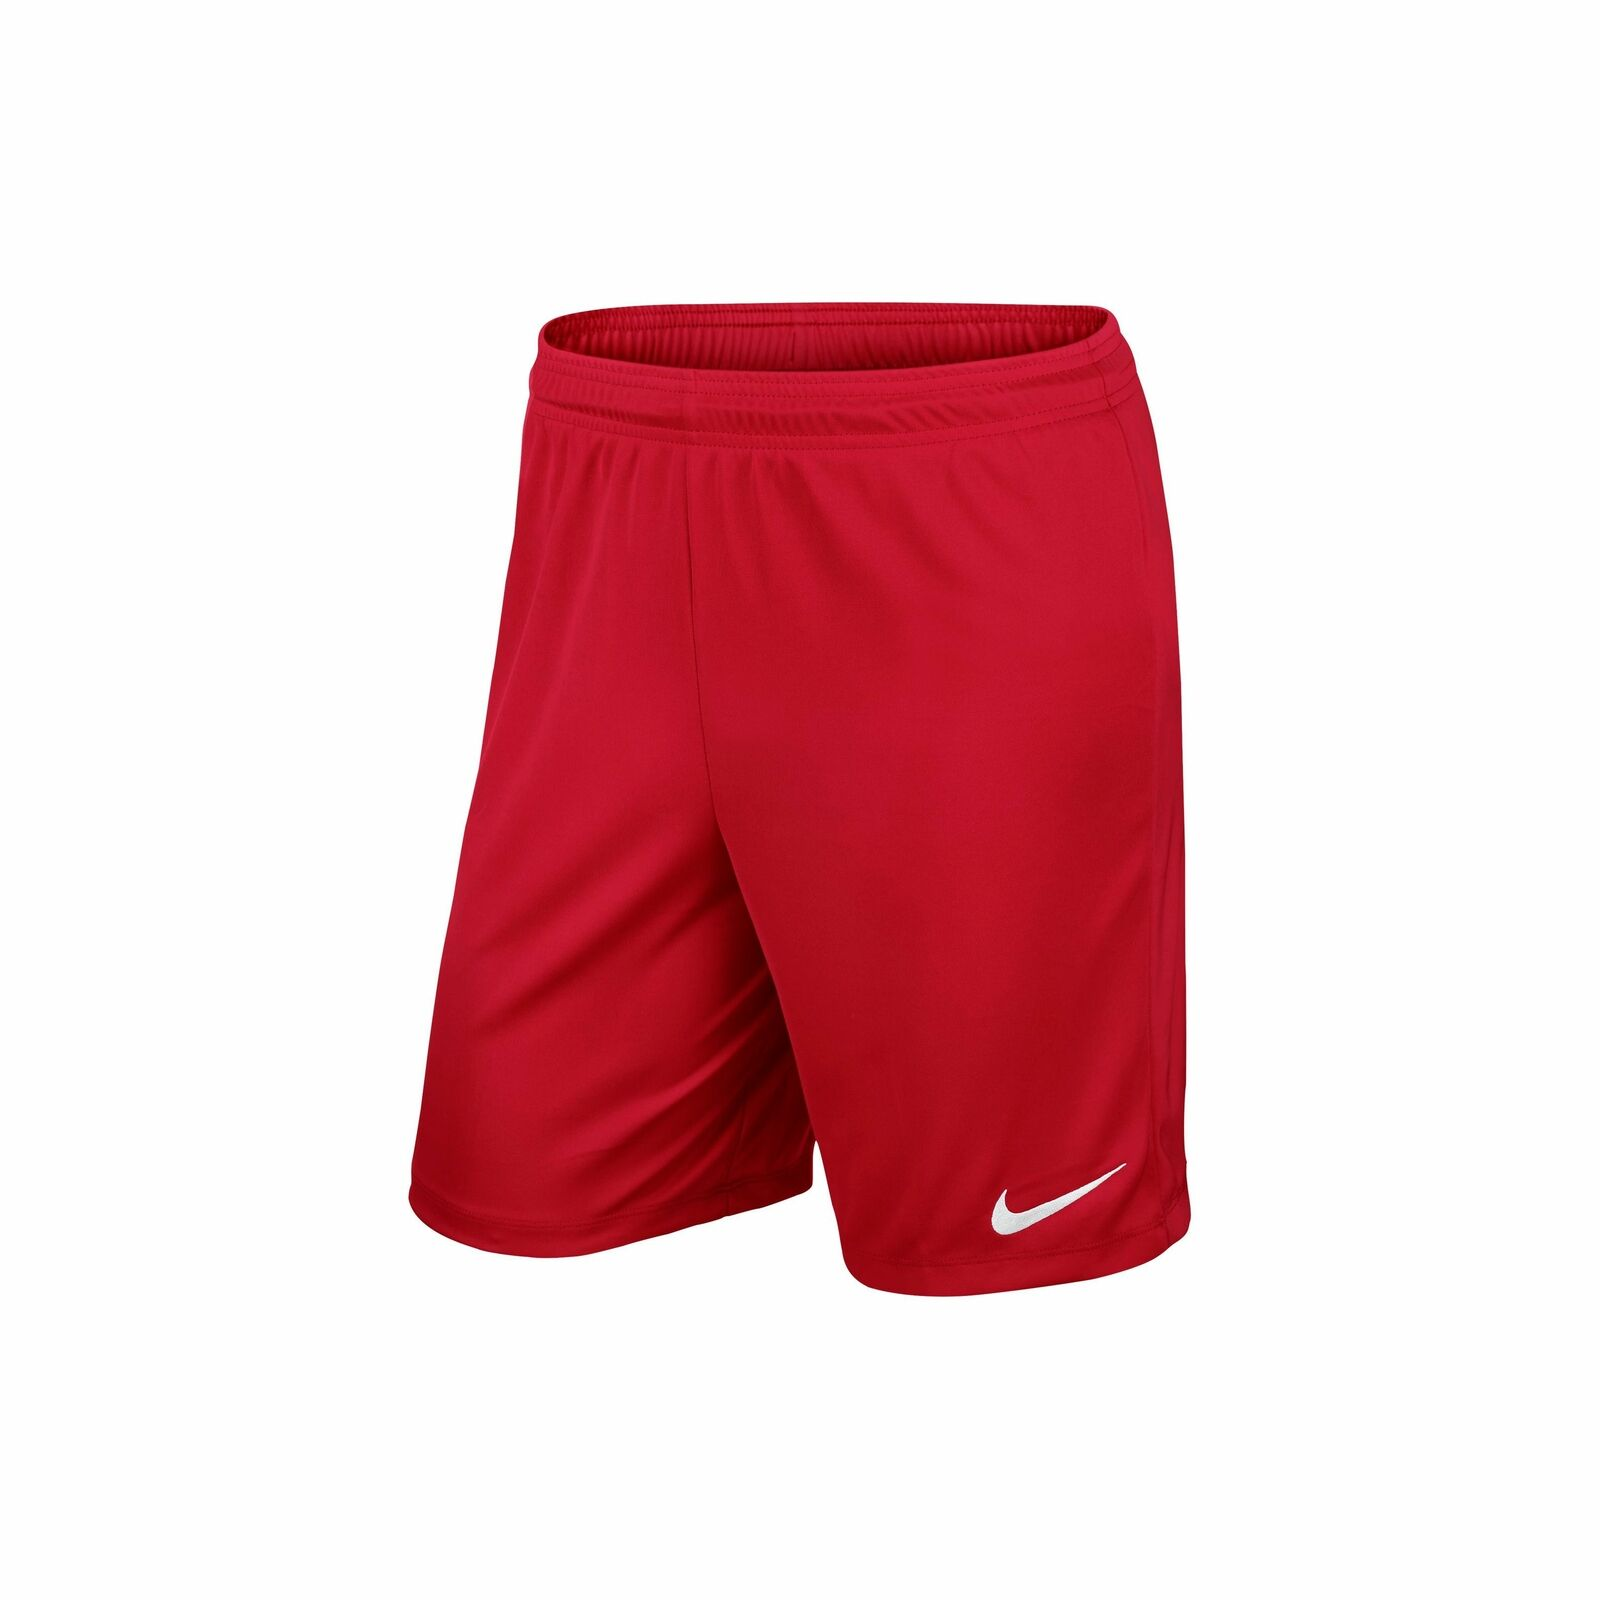 e896e7b4c46c63 Nike Sporthose Kinder Kurz Test Vergleich +++ Nike Sporthose Kinder ...